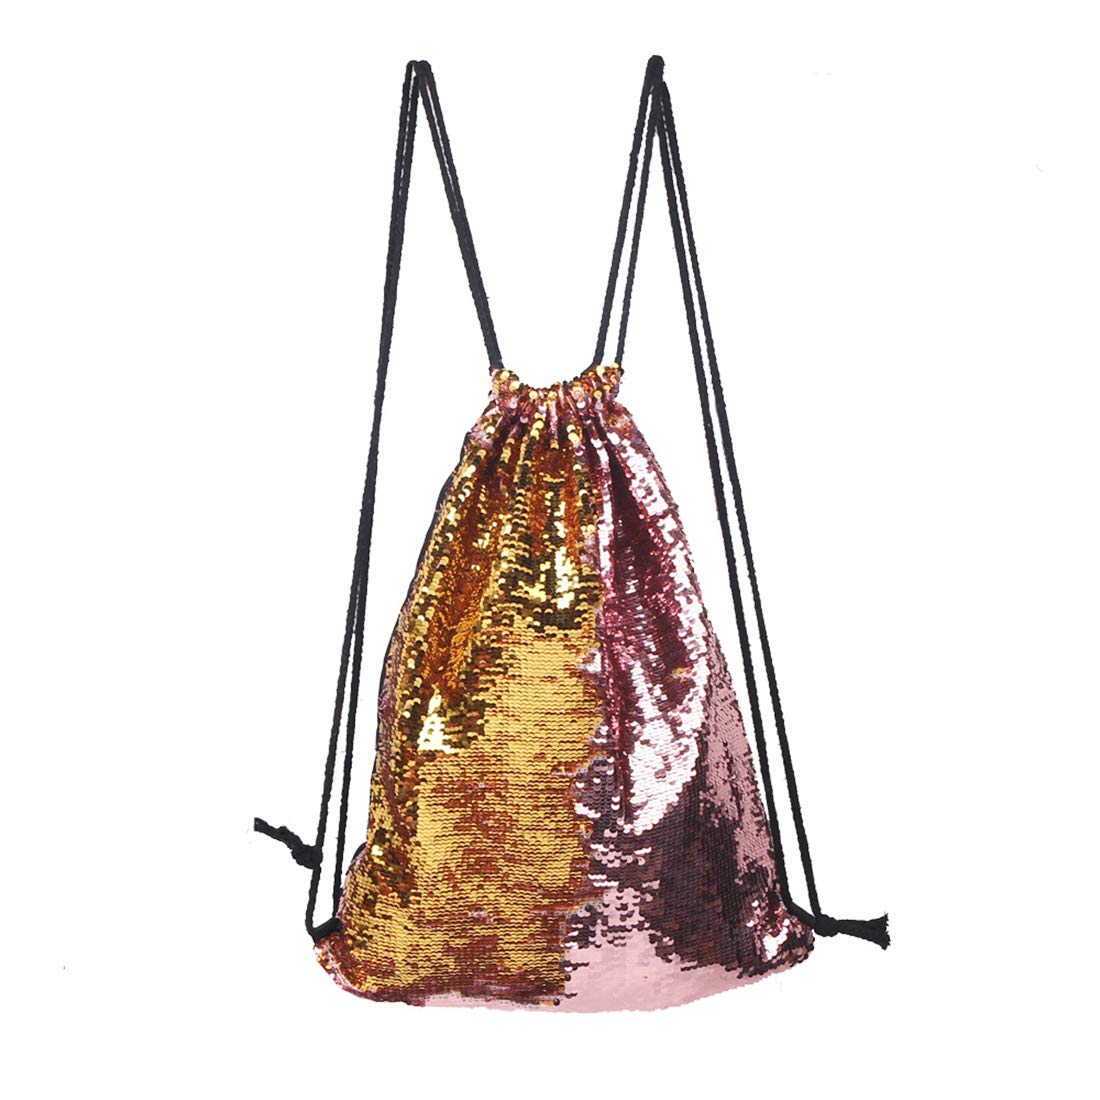 BEGOO Mermaid Reversible Sequin Drawstring Bag Colorful Backpack Magic Packsack